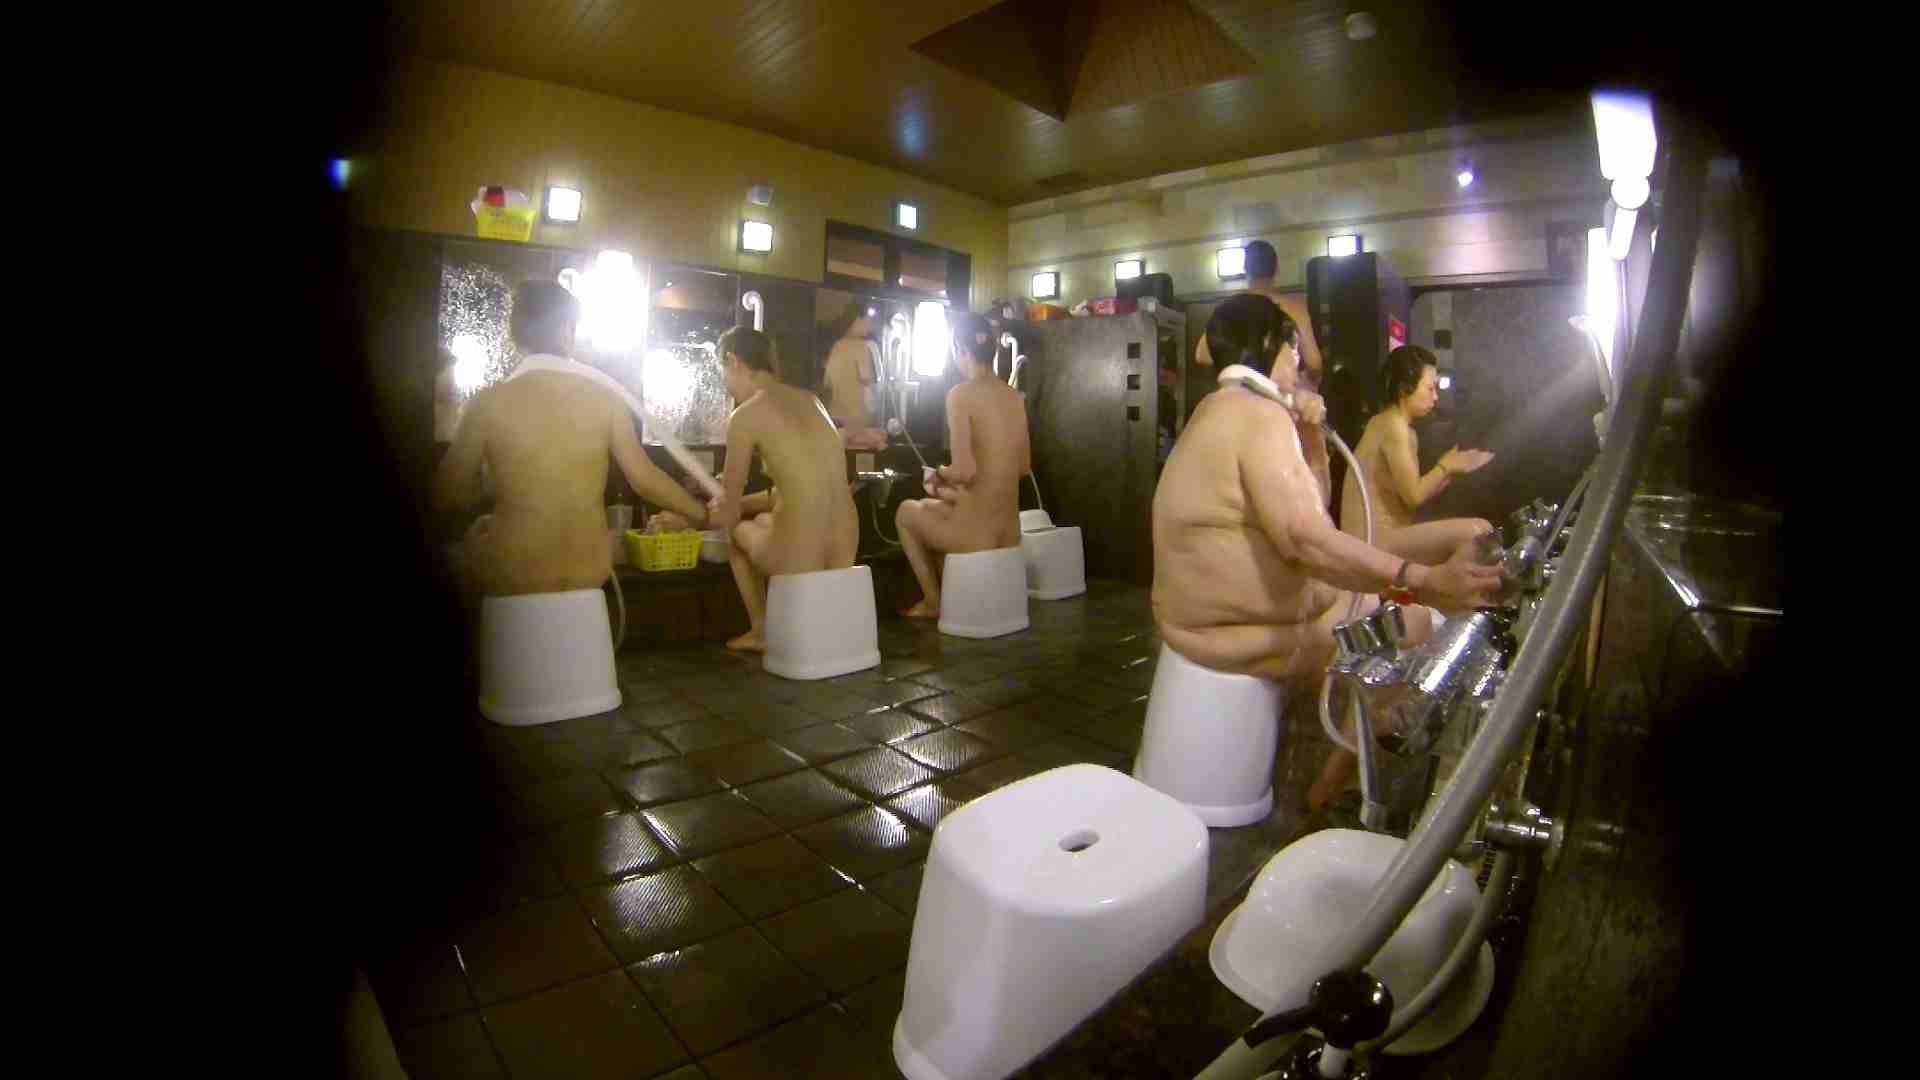 アダルトエロ動画|追い撮り!脱衣~洗い場、徹底追跡!撮り師さんに拍手!!|怪盗ジョーカー